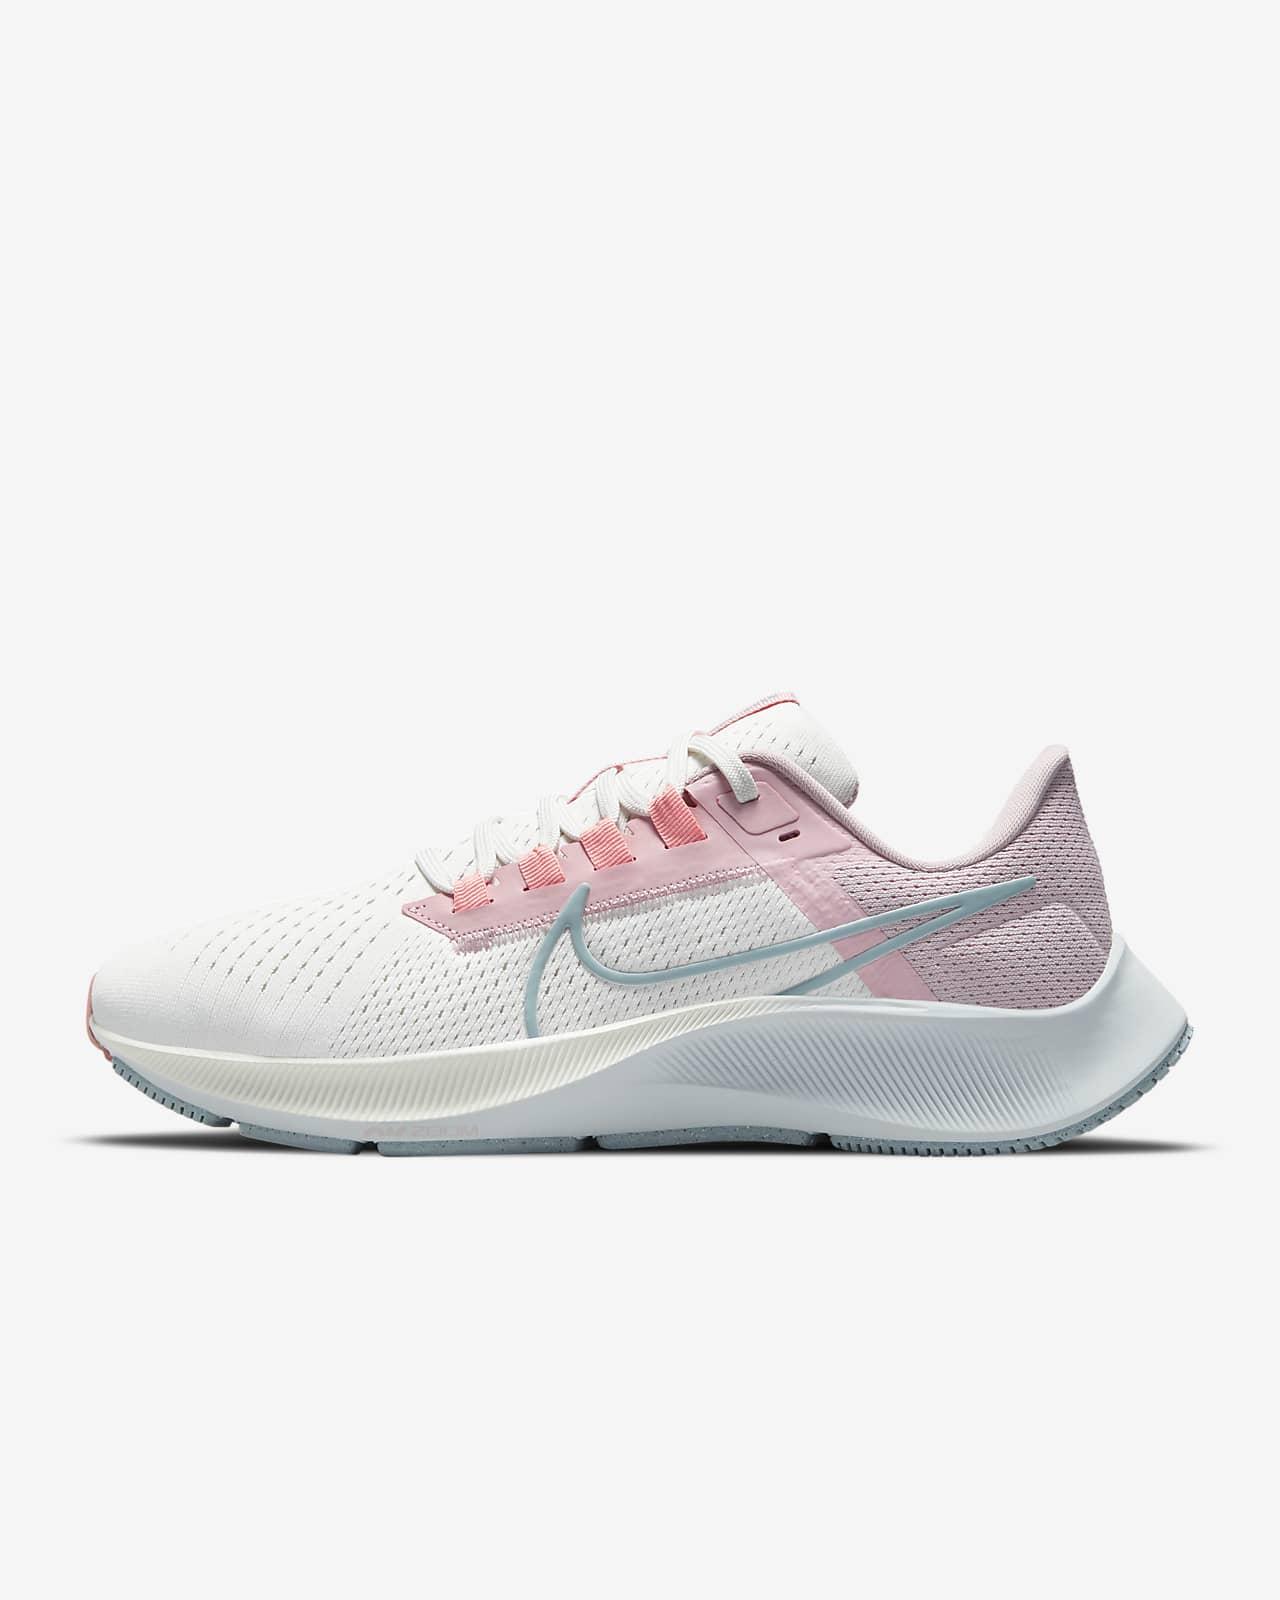 Löparskor för väg Nike Air Zoom Pegasus 38 för kvinnor